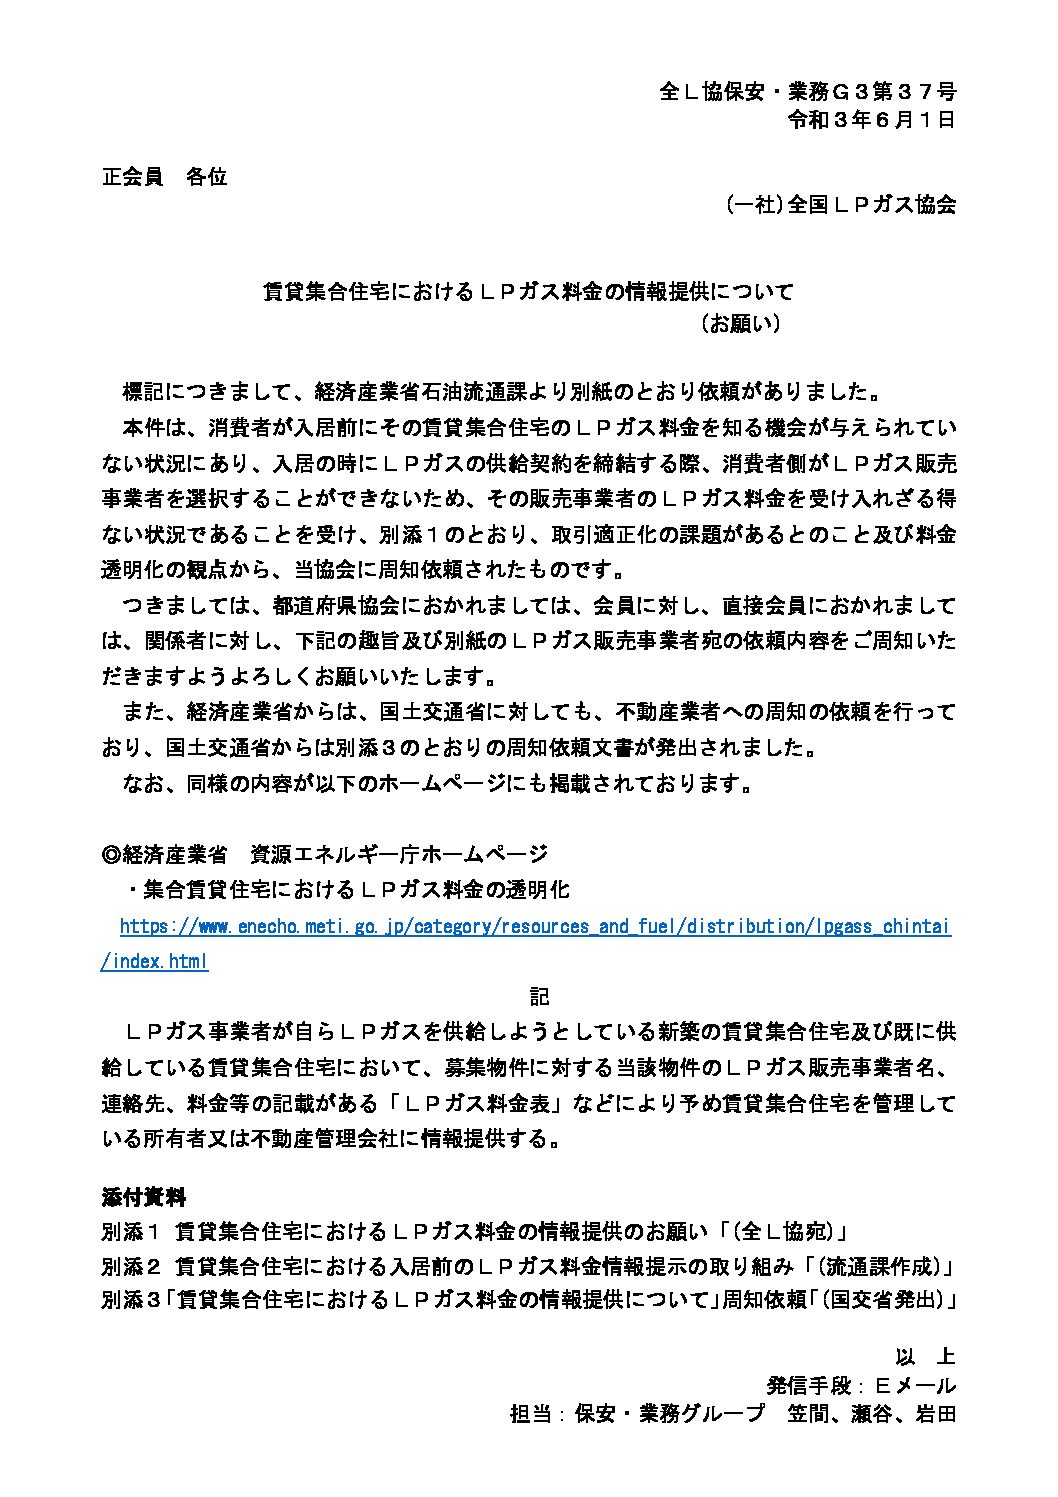 一般社団法人 三重県LPガス協会